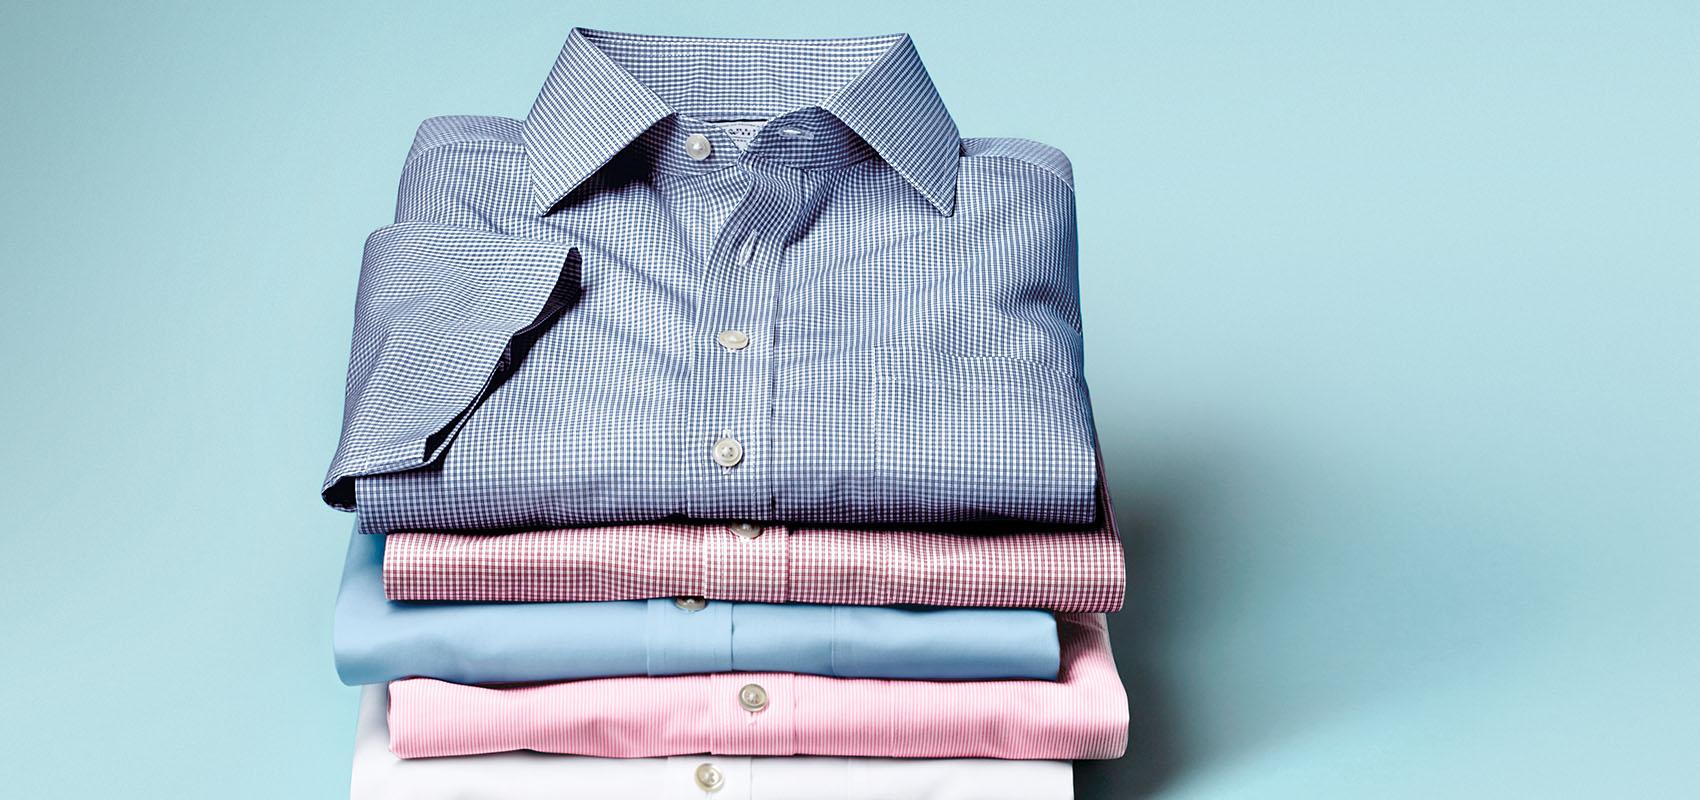 Charles Tyrwhitt Short Sleeves Shirt